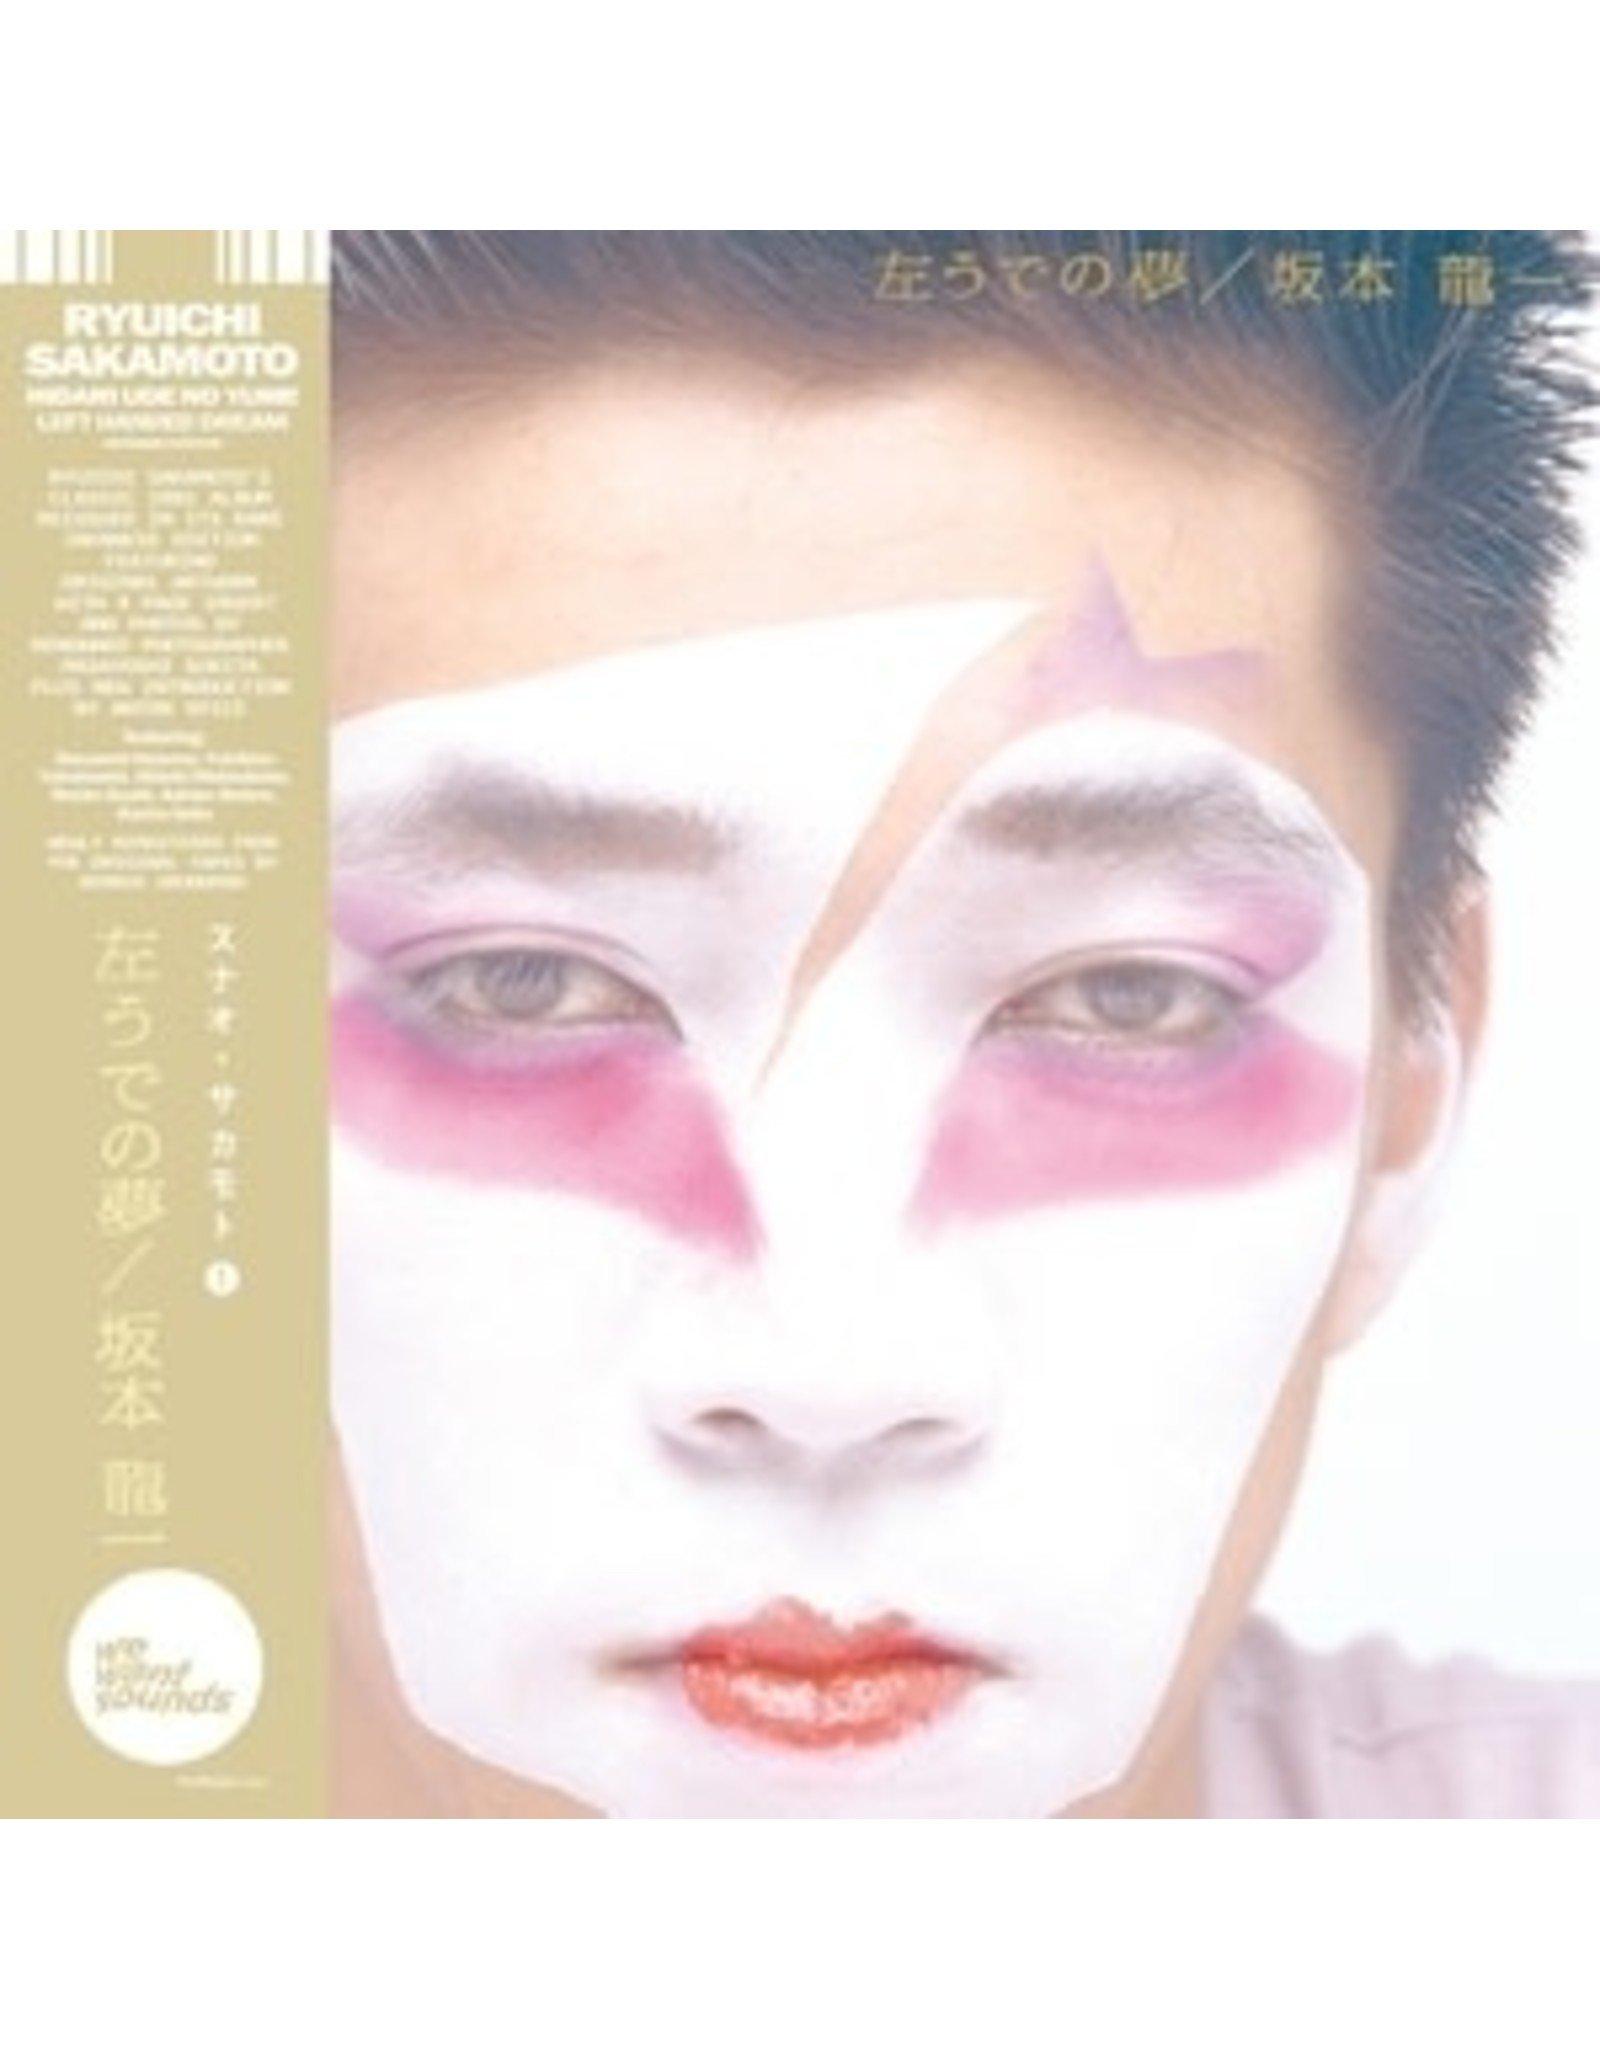 WeWantSound Sakamoto, Ryuichi: Hidari Ude No Yume LP